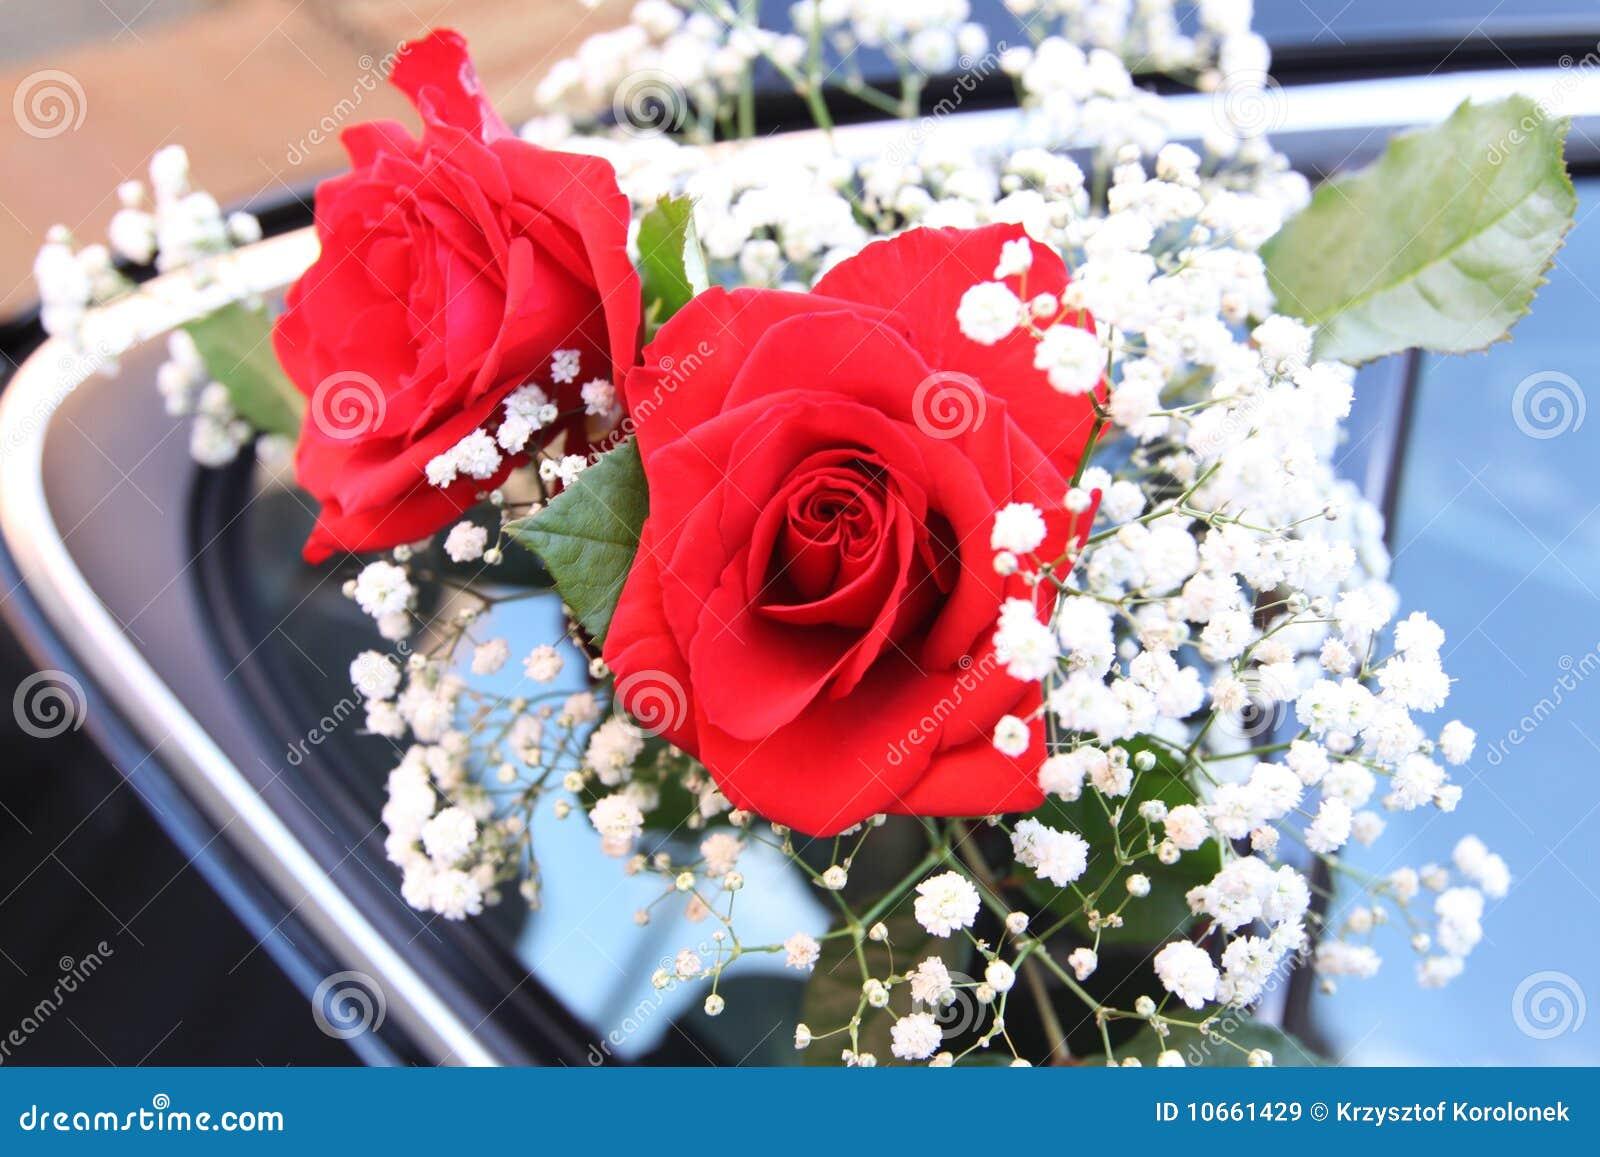 Hochzeitsblumen Stockbild Bild Von Blumen Glas Erhalten 10661429